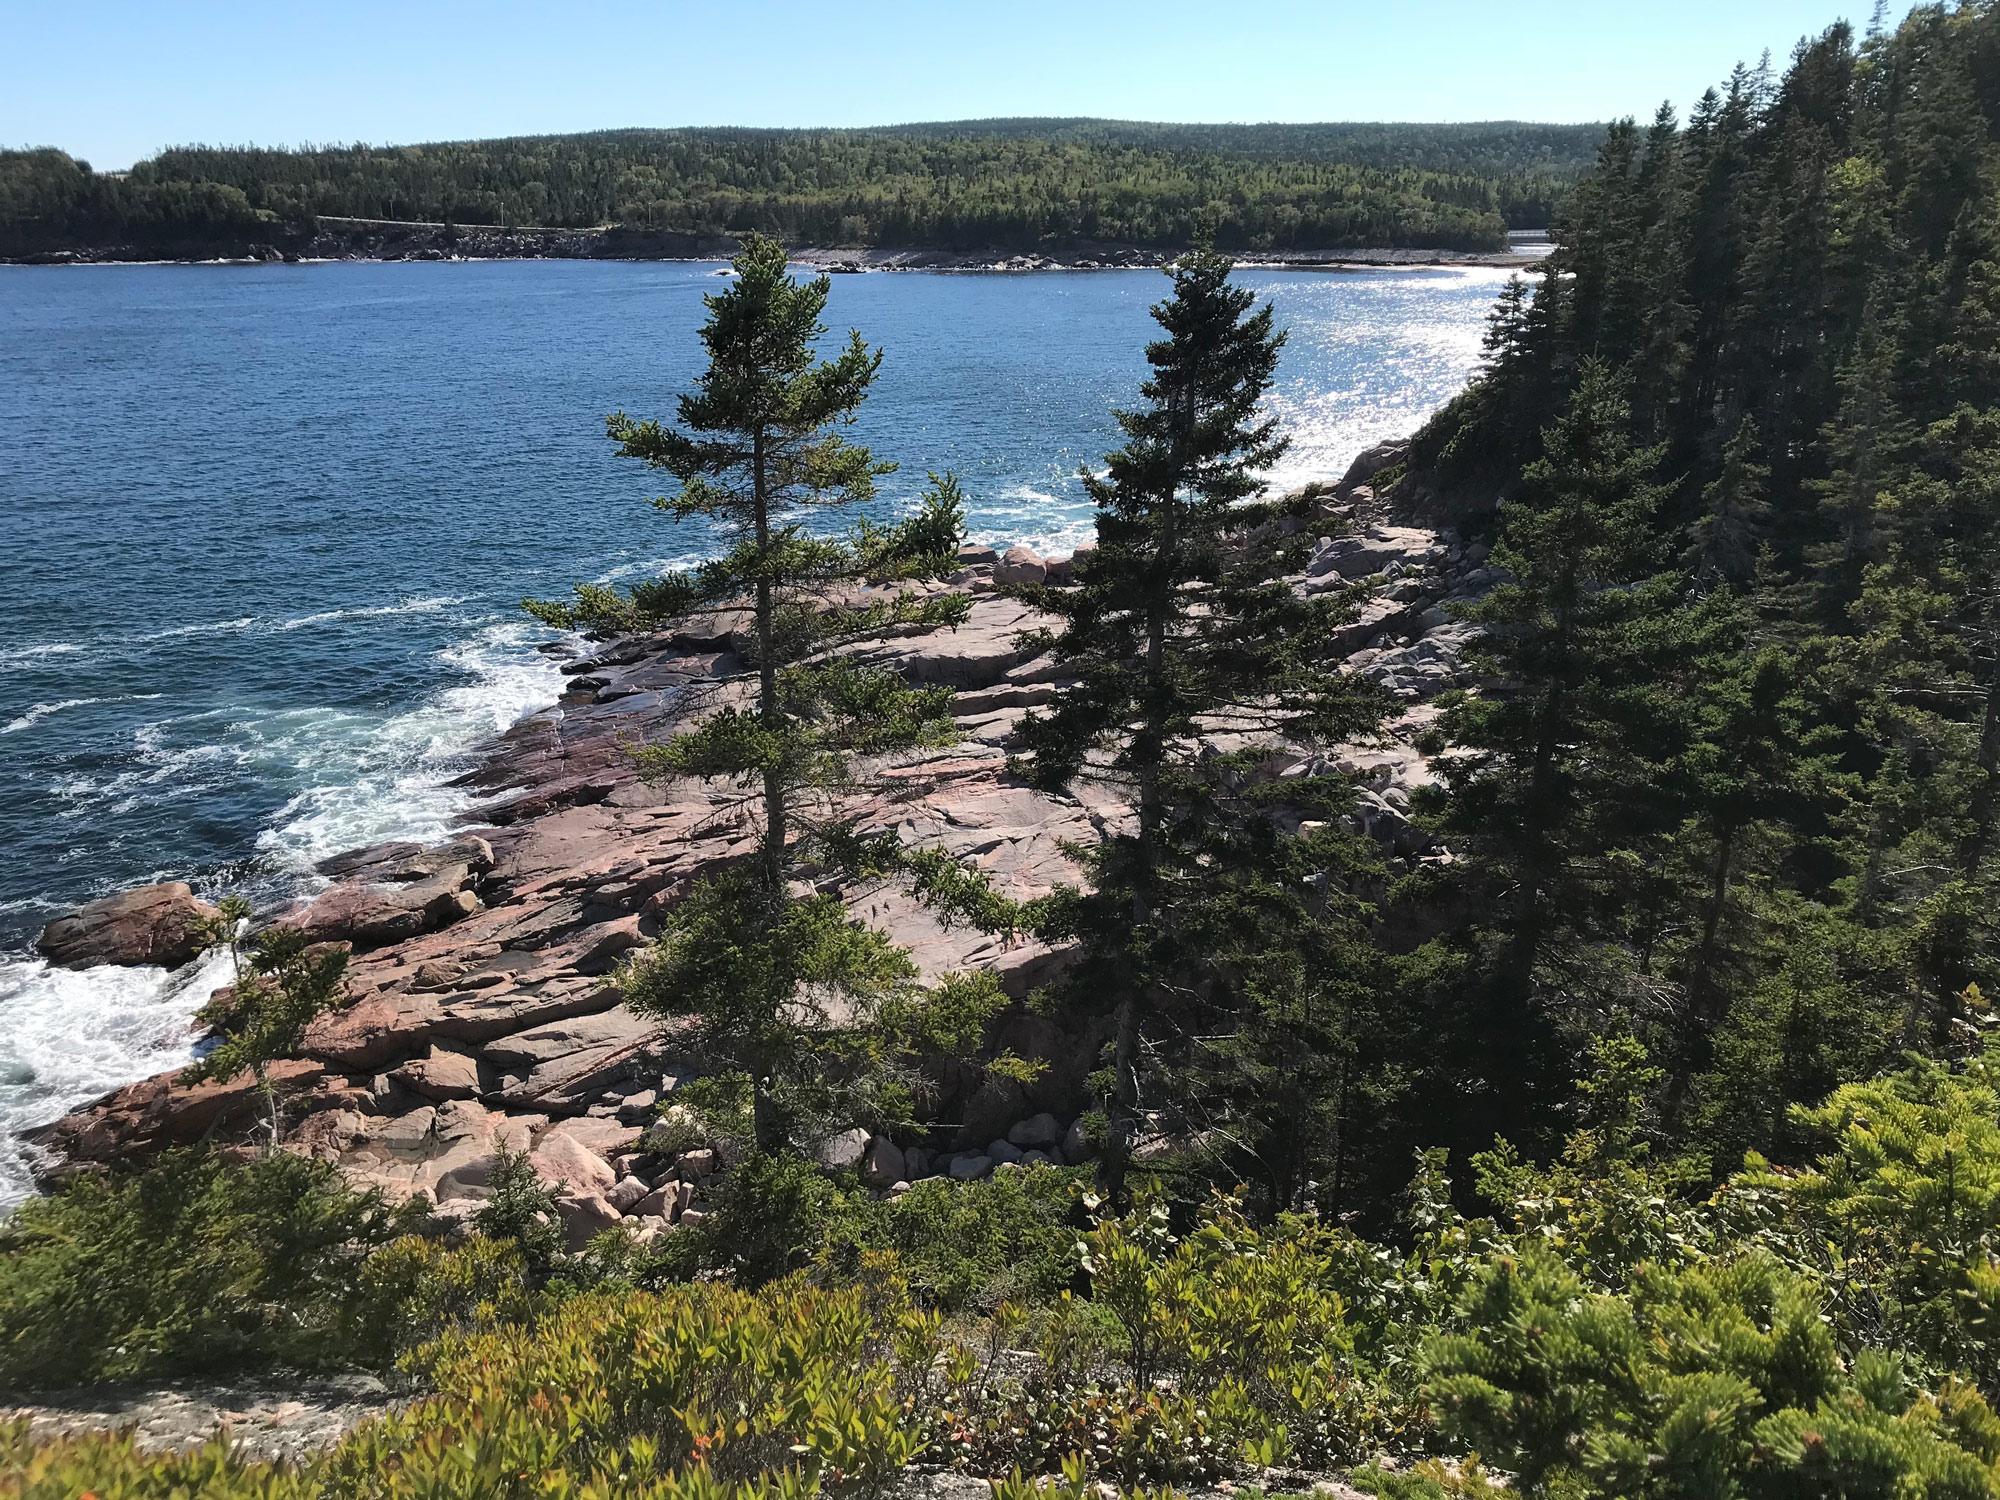 Along the Jack Pine / Coastal trail